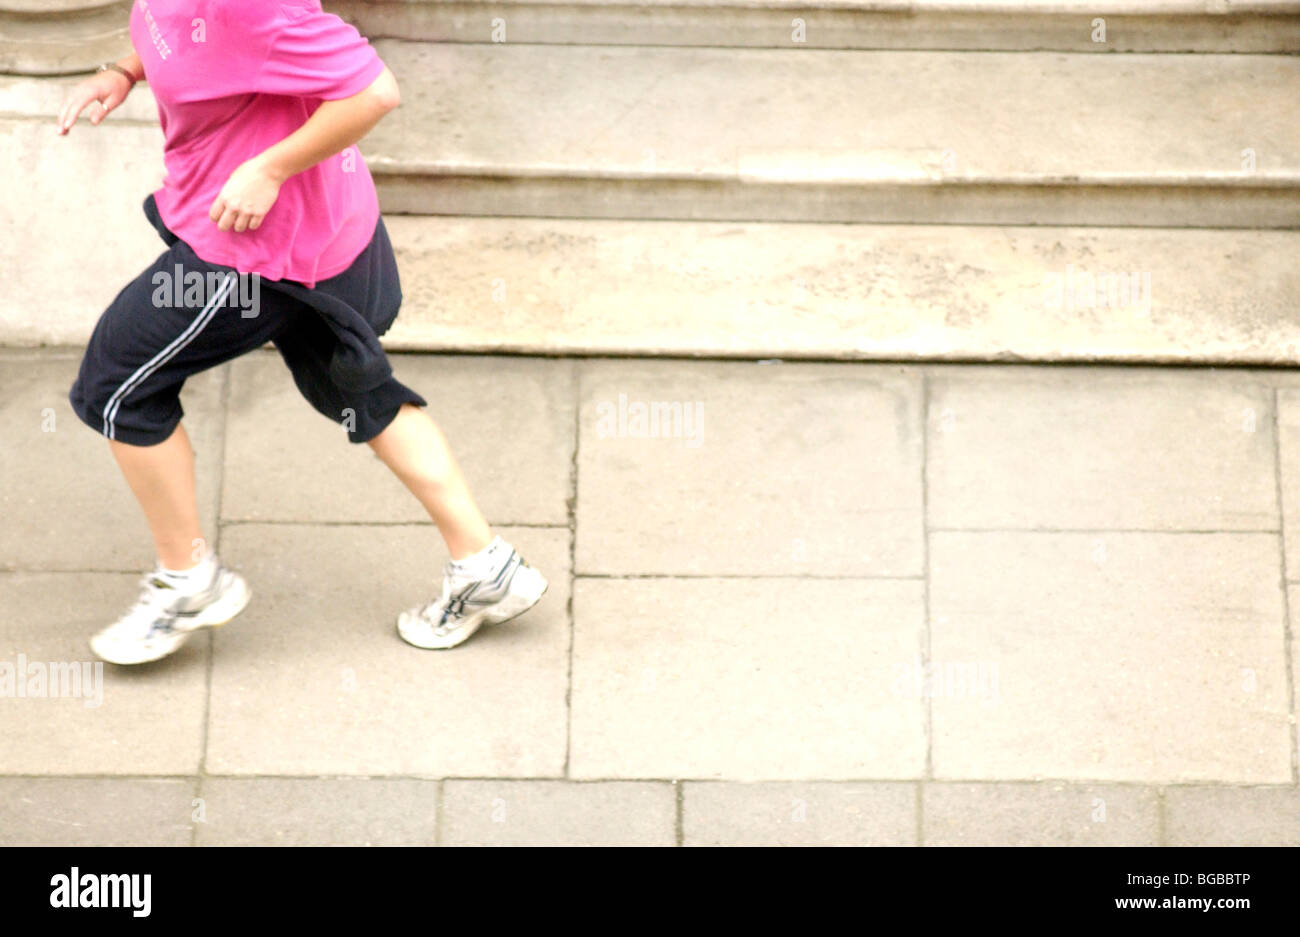 Royalty free fotografia della donna in esecuzione nella sua ora di pranzo sul marciapiede London REGNO UNITO Immagini Stock